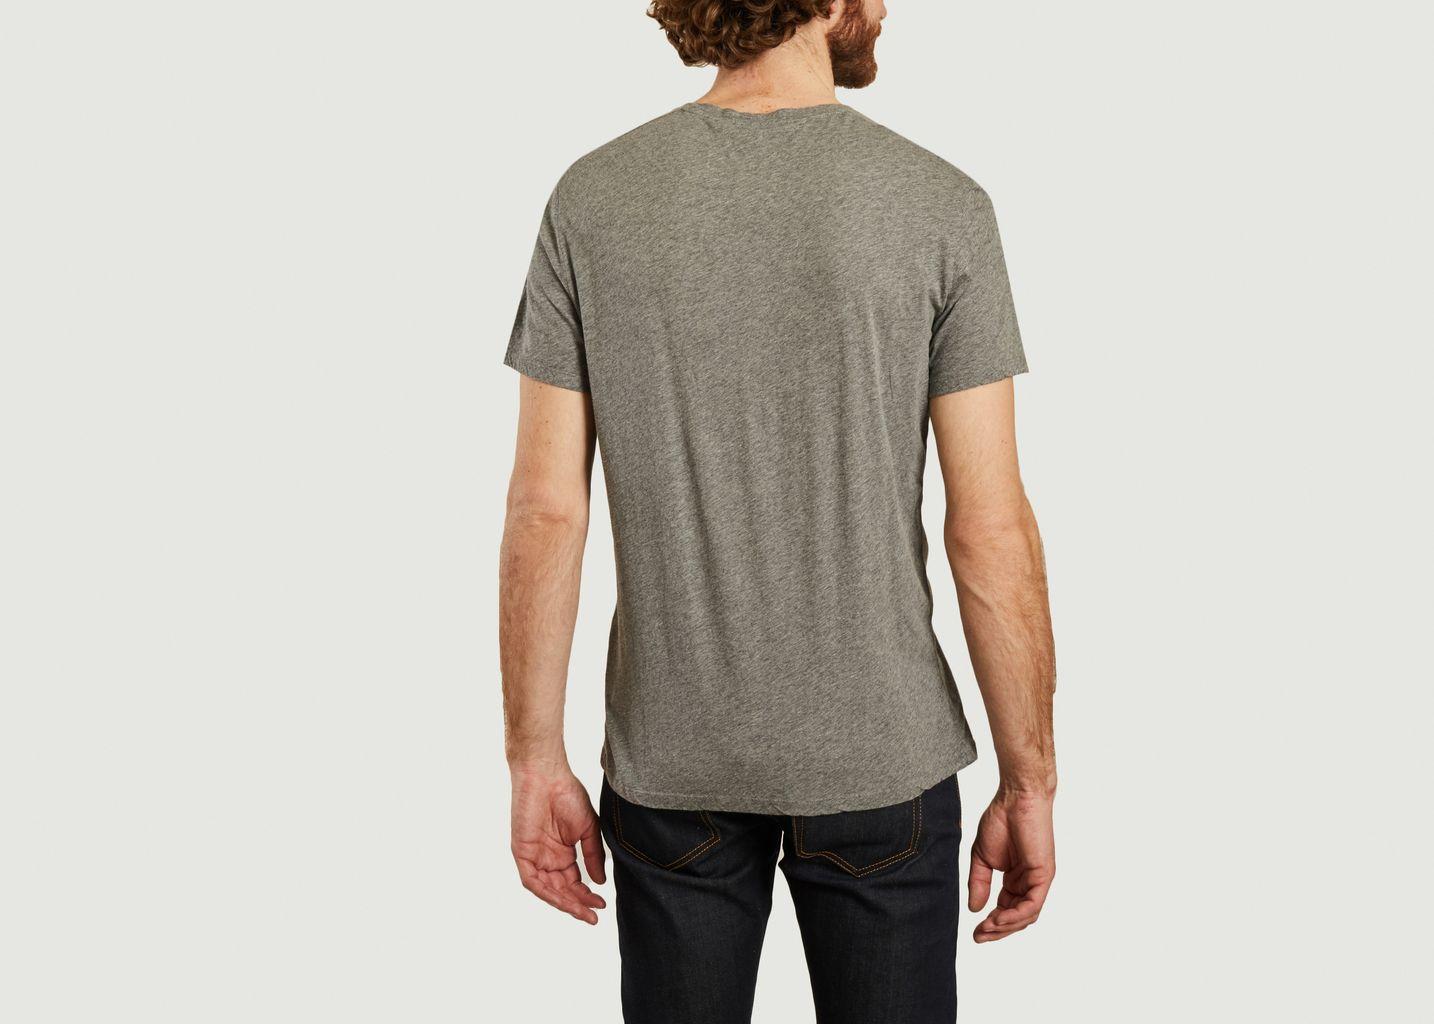 T-shirt Decatur - American Vintage